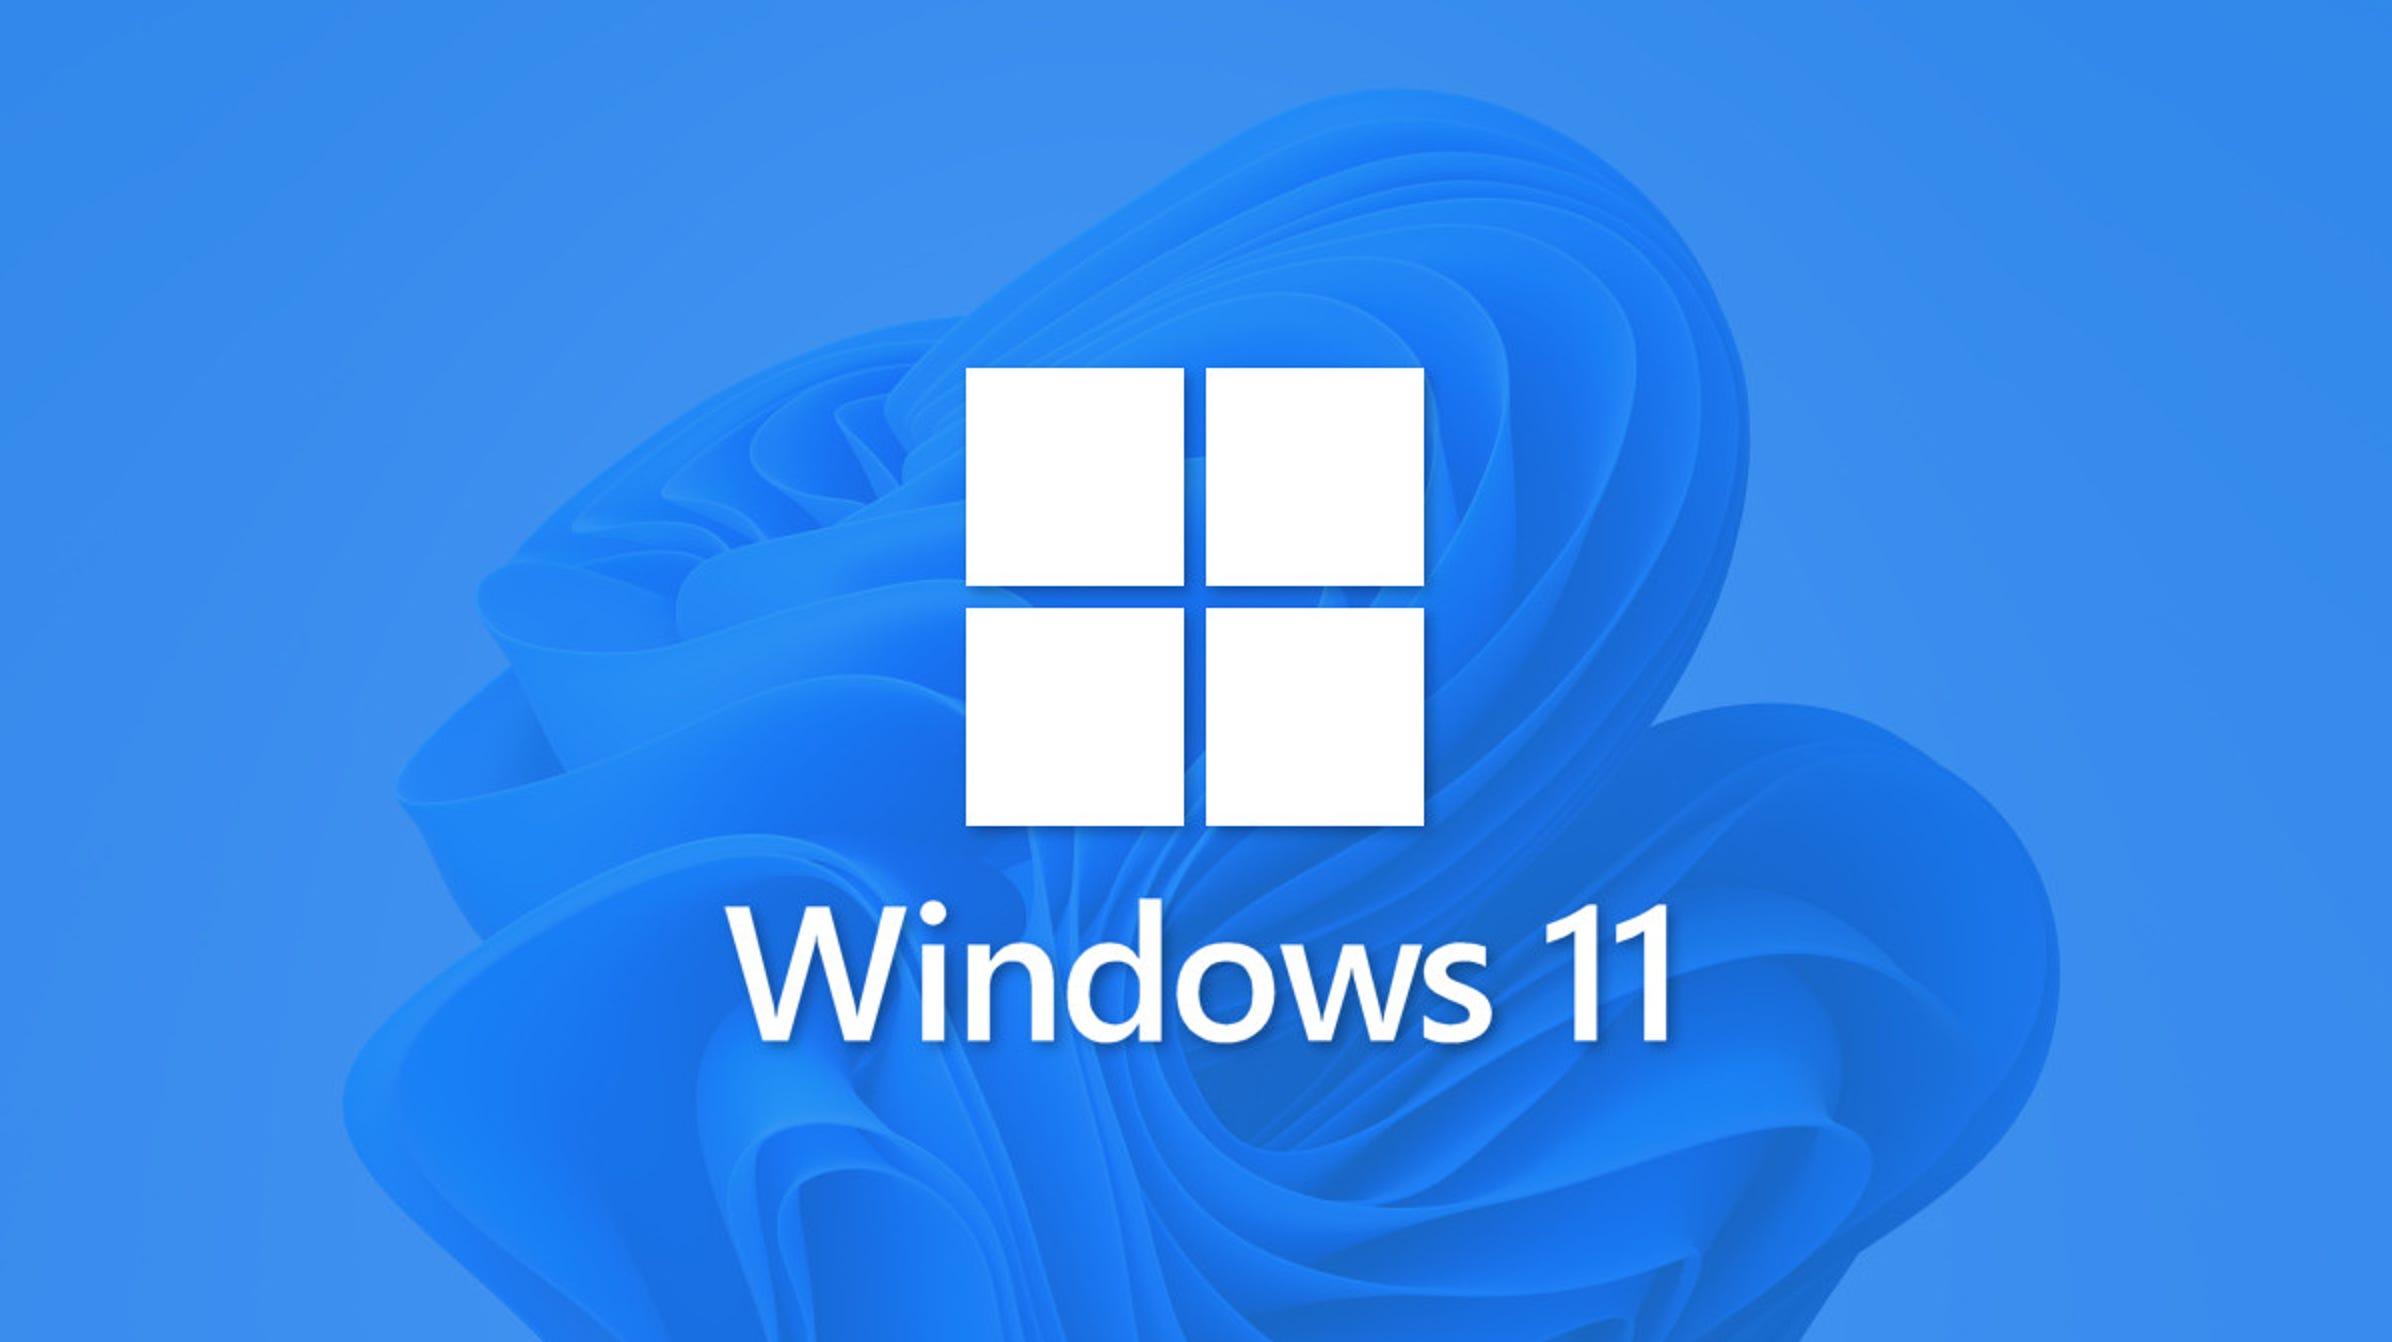 Cómo obtener la vista previa de Windows 11 en su PC